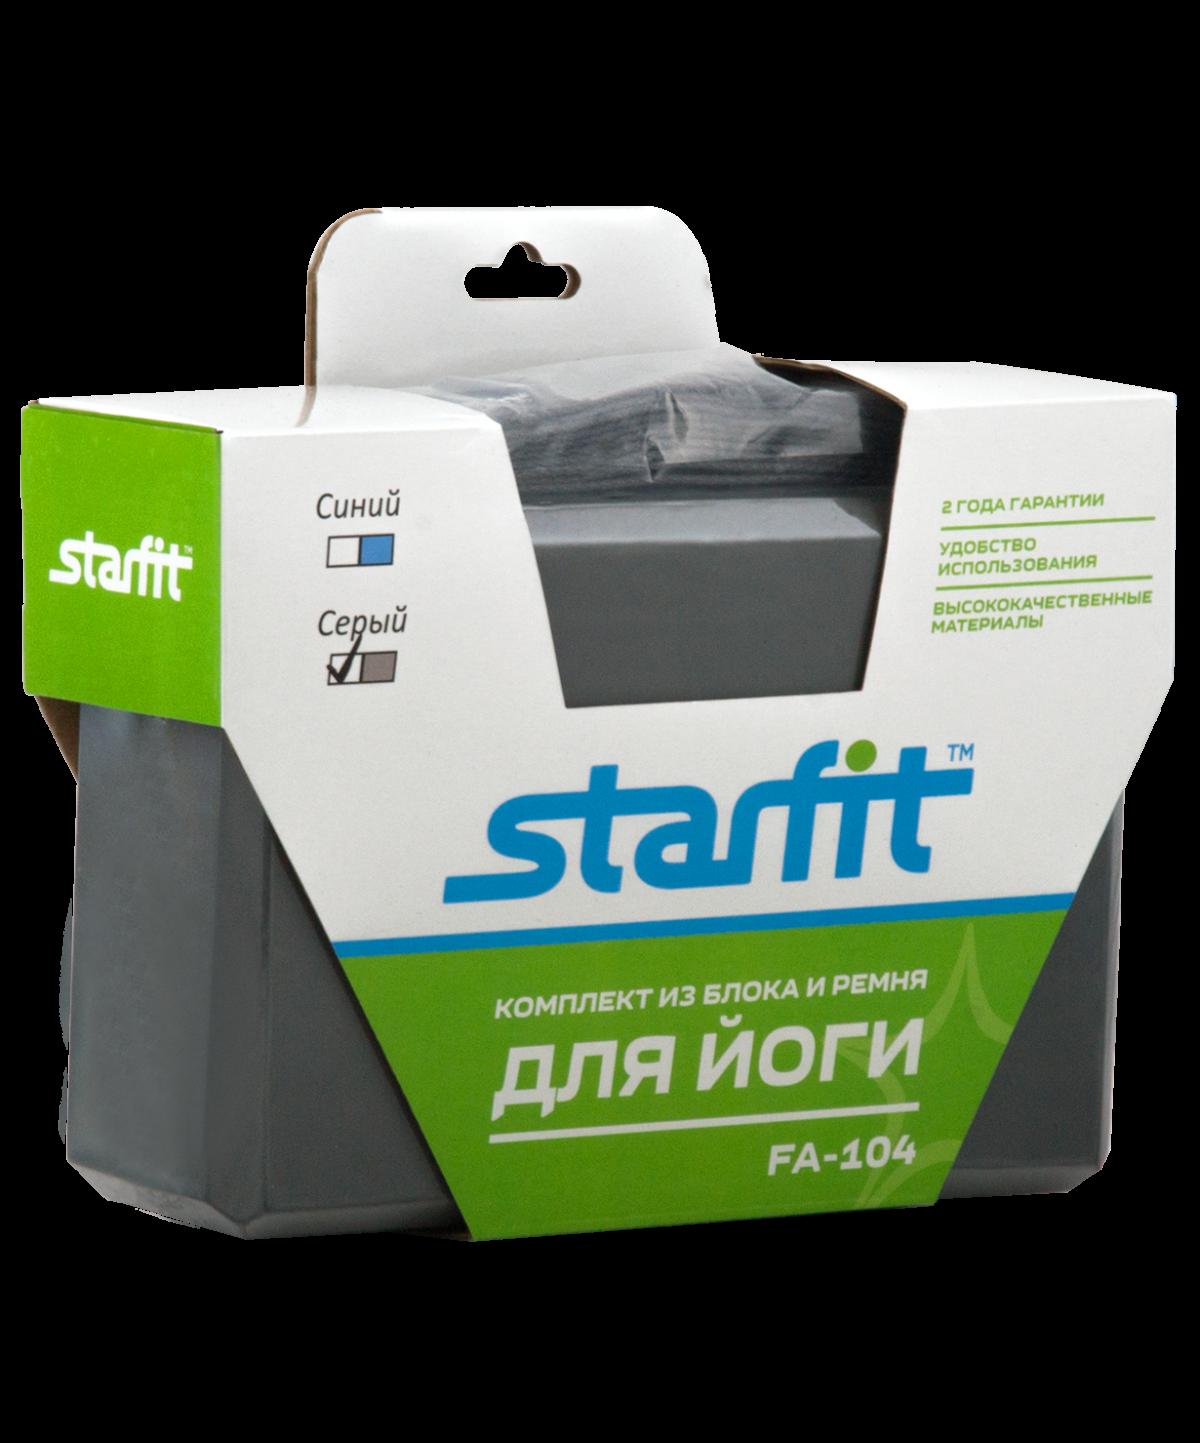 STARFIT Комплект для йоги блок и ремень FA-104: серый - 2